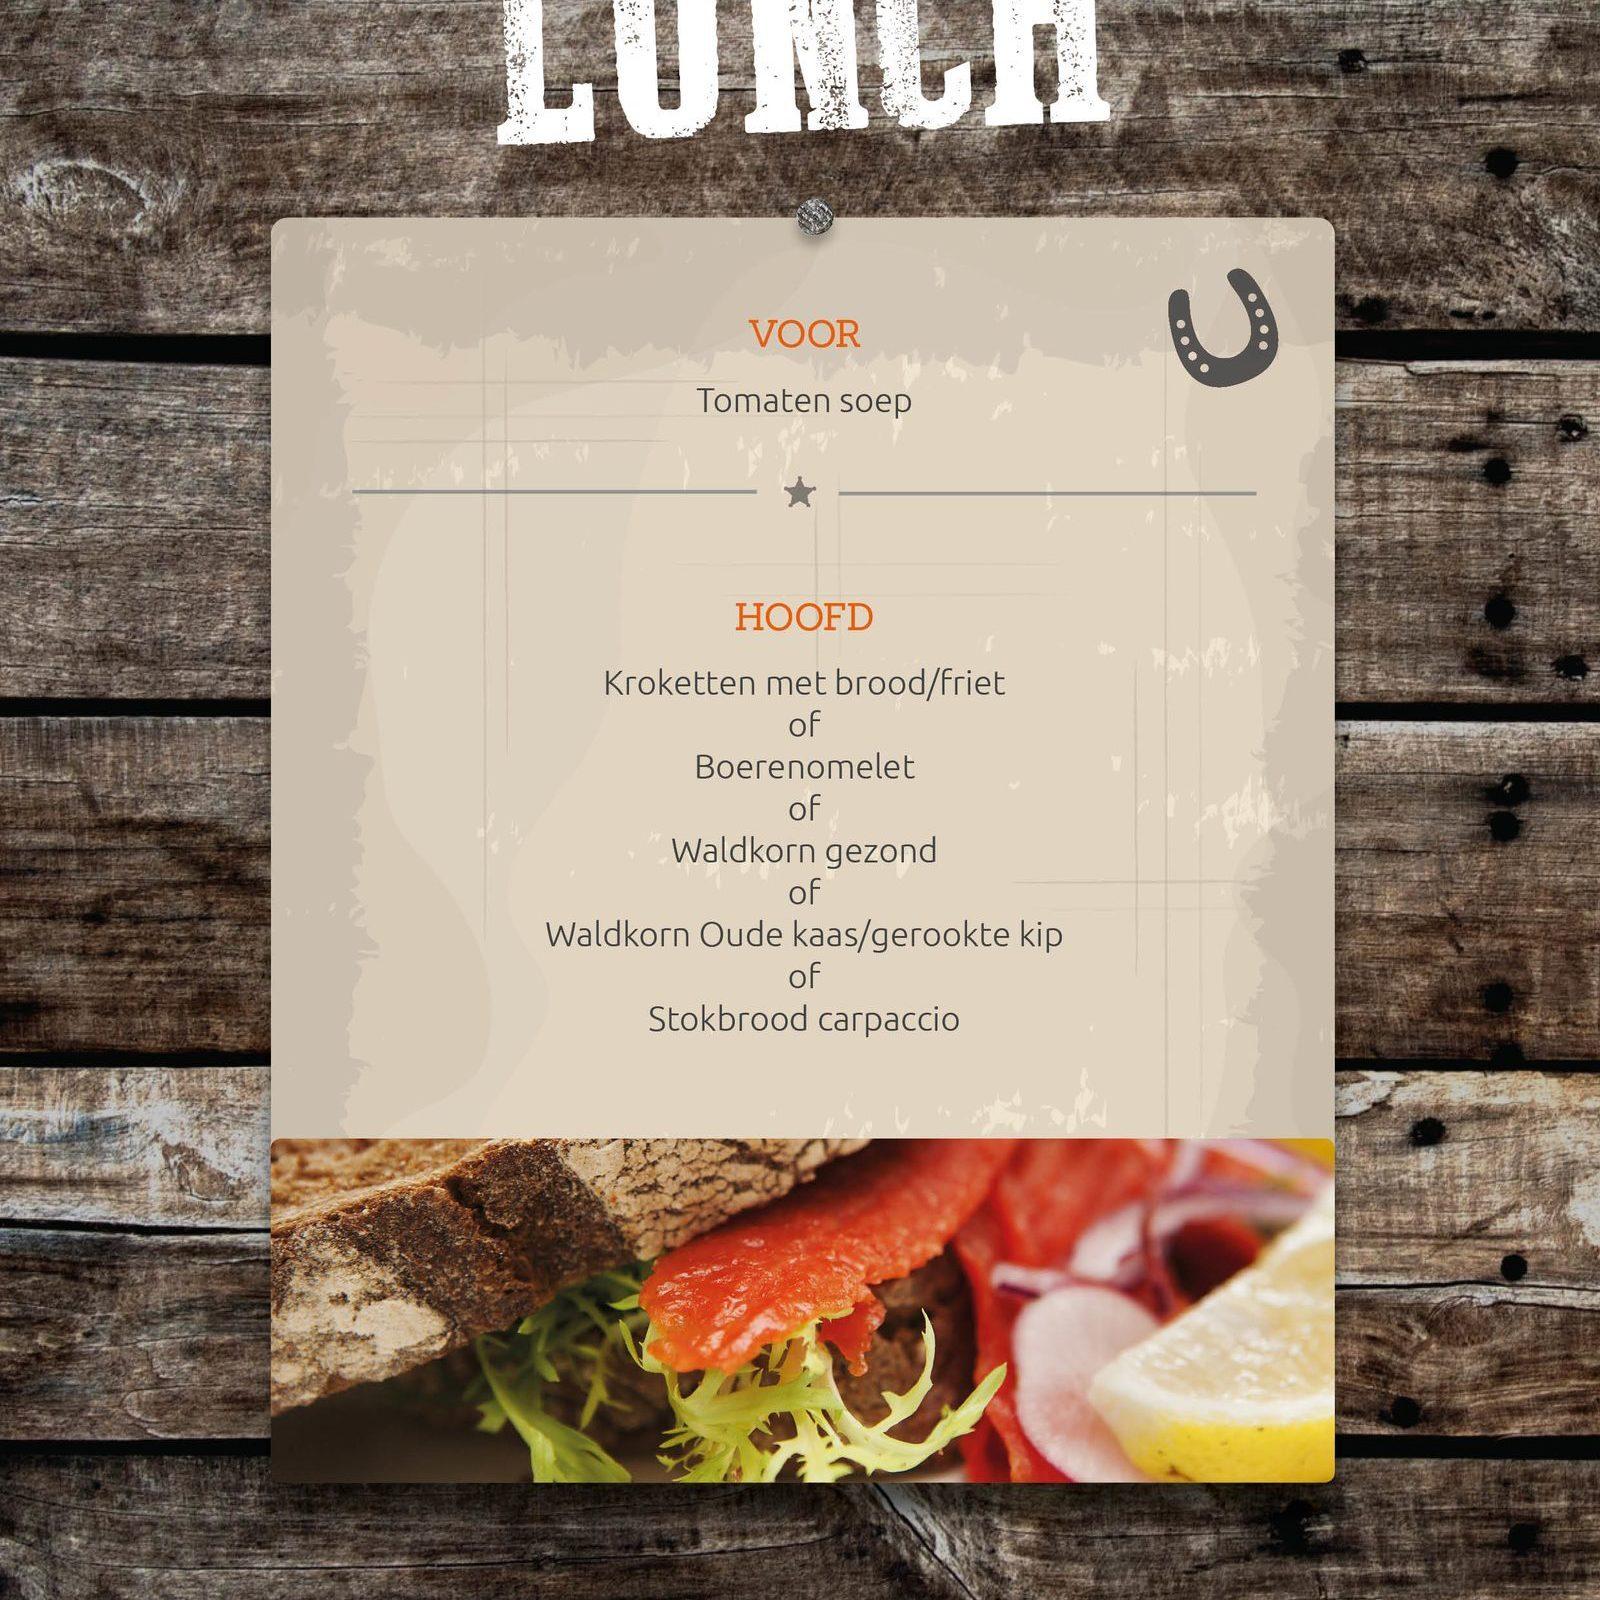 Lunch bij Events op de Veluwe in Voorthuizen